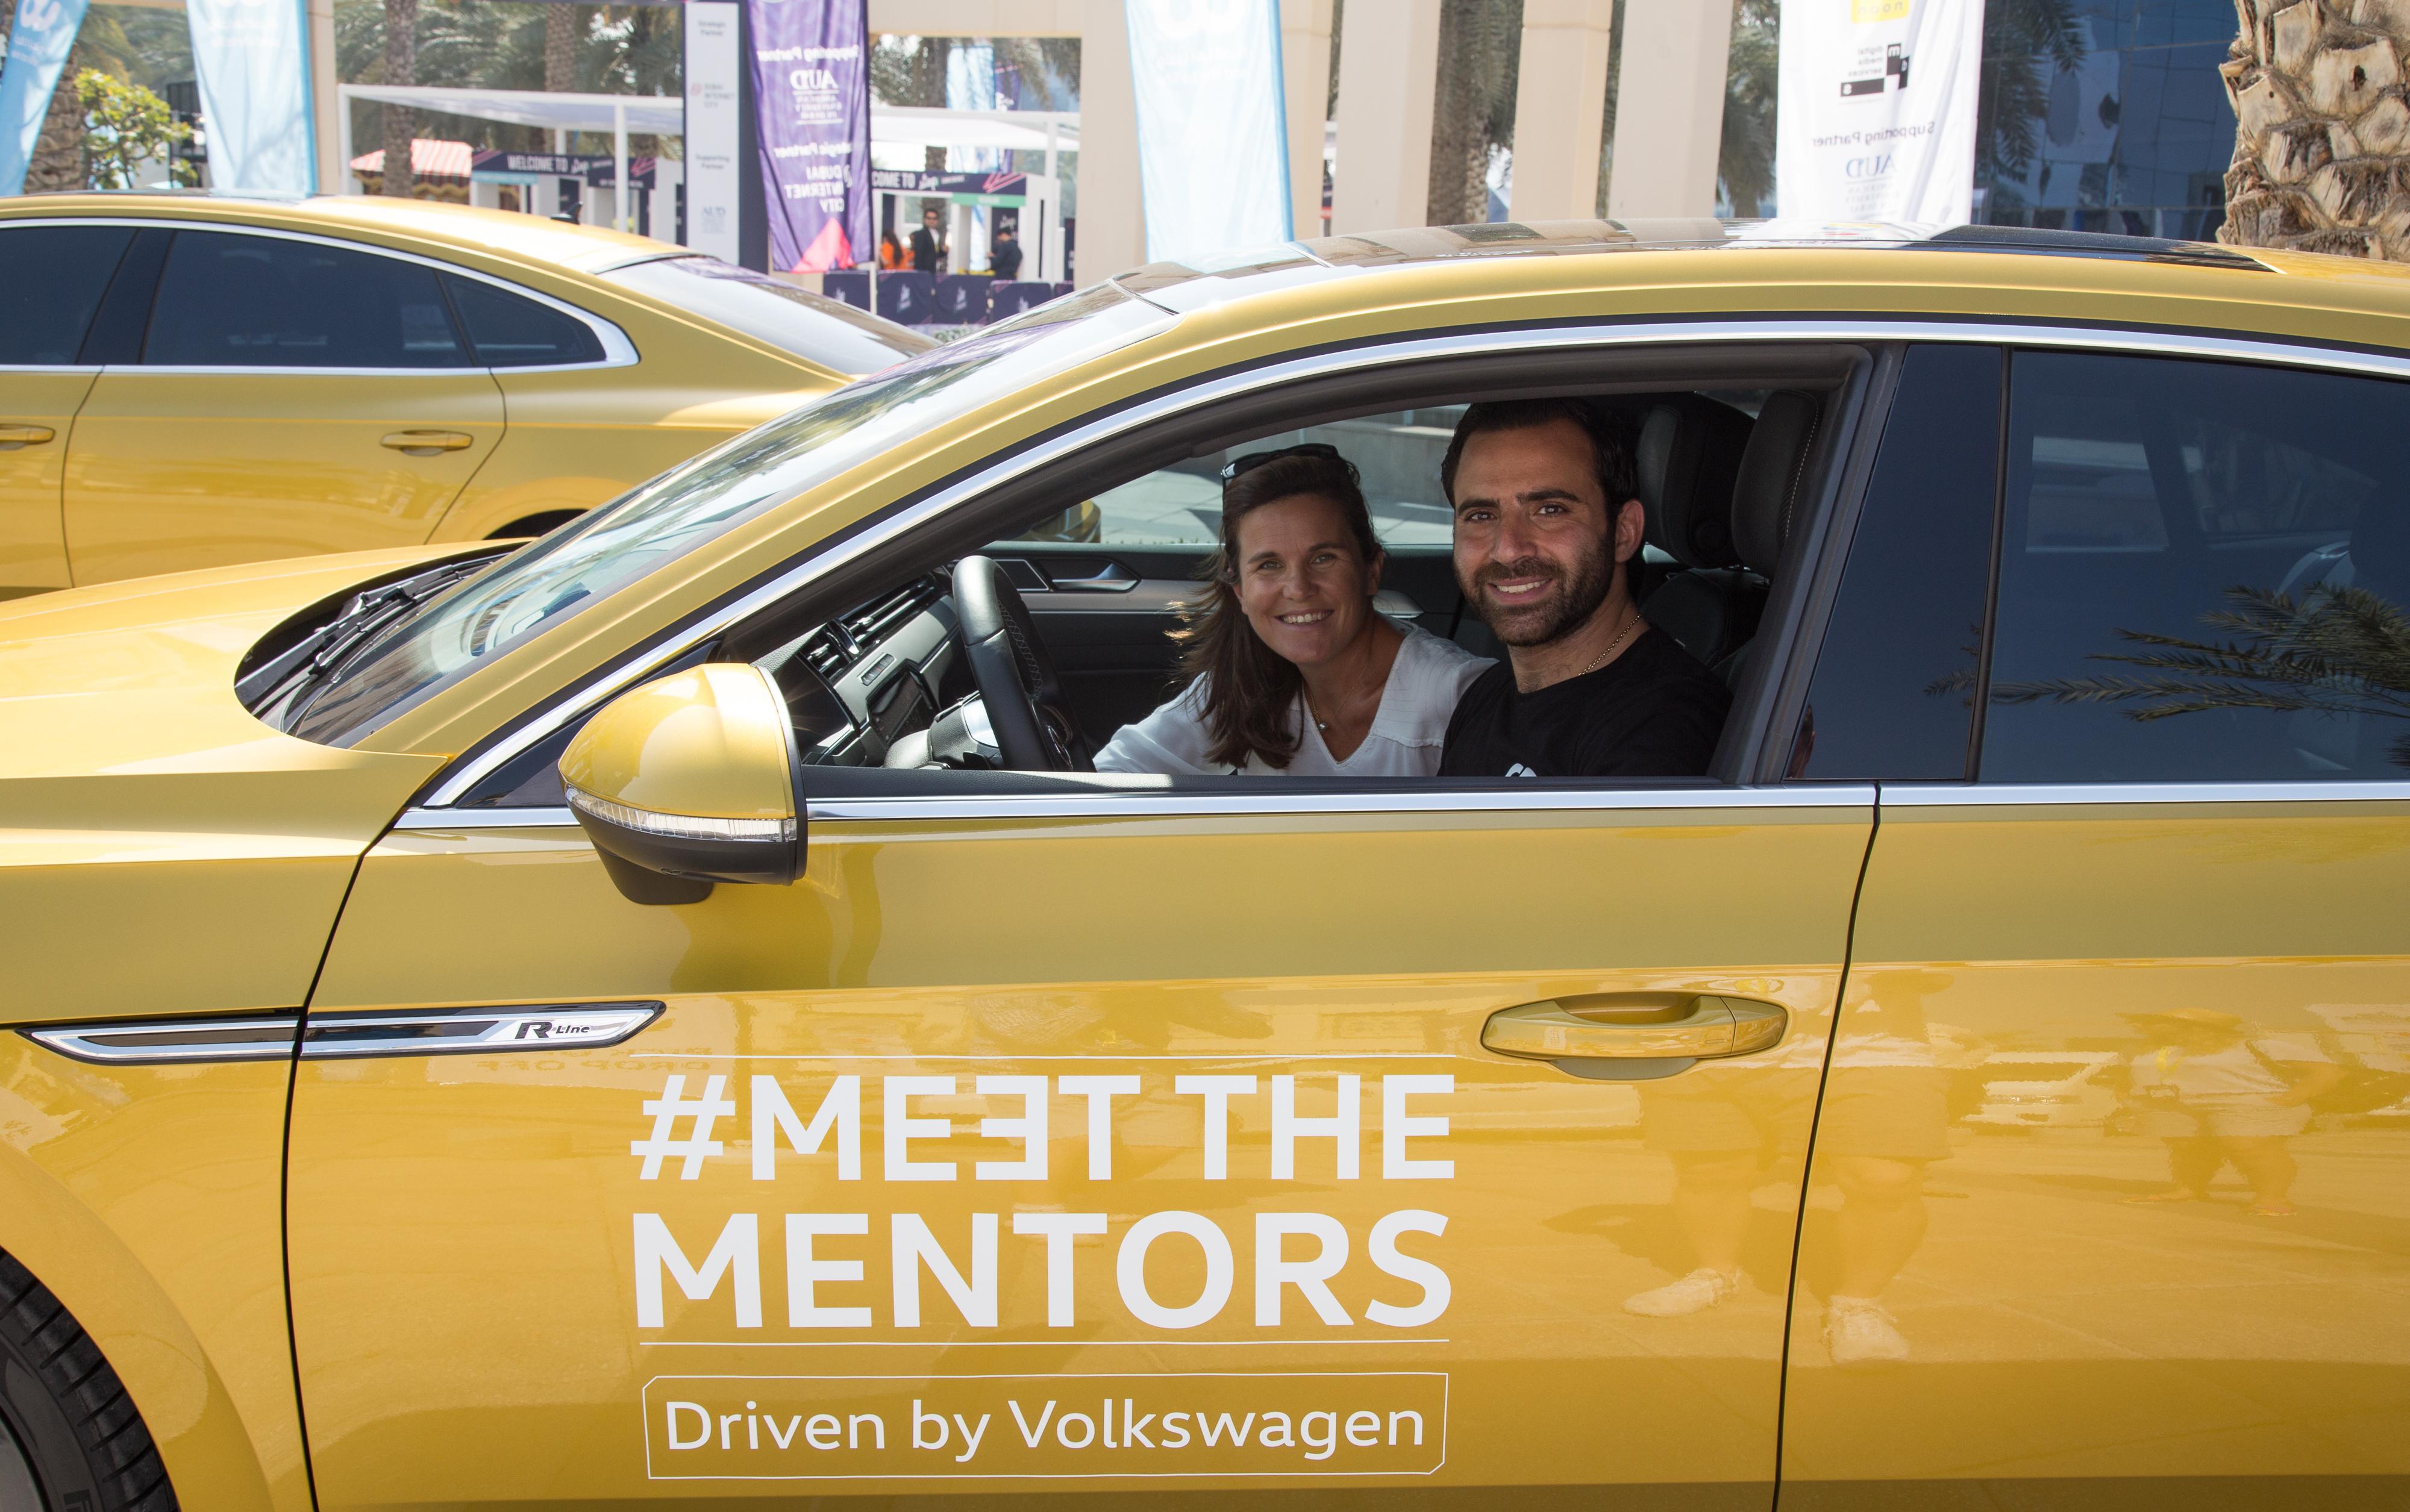 Volkswagen helps Start-Ups meet their Business Mentors